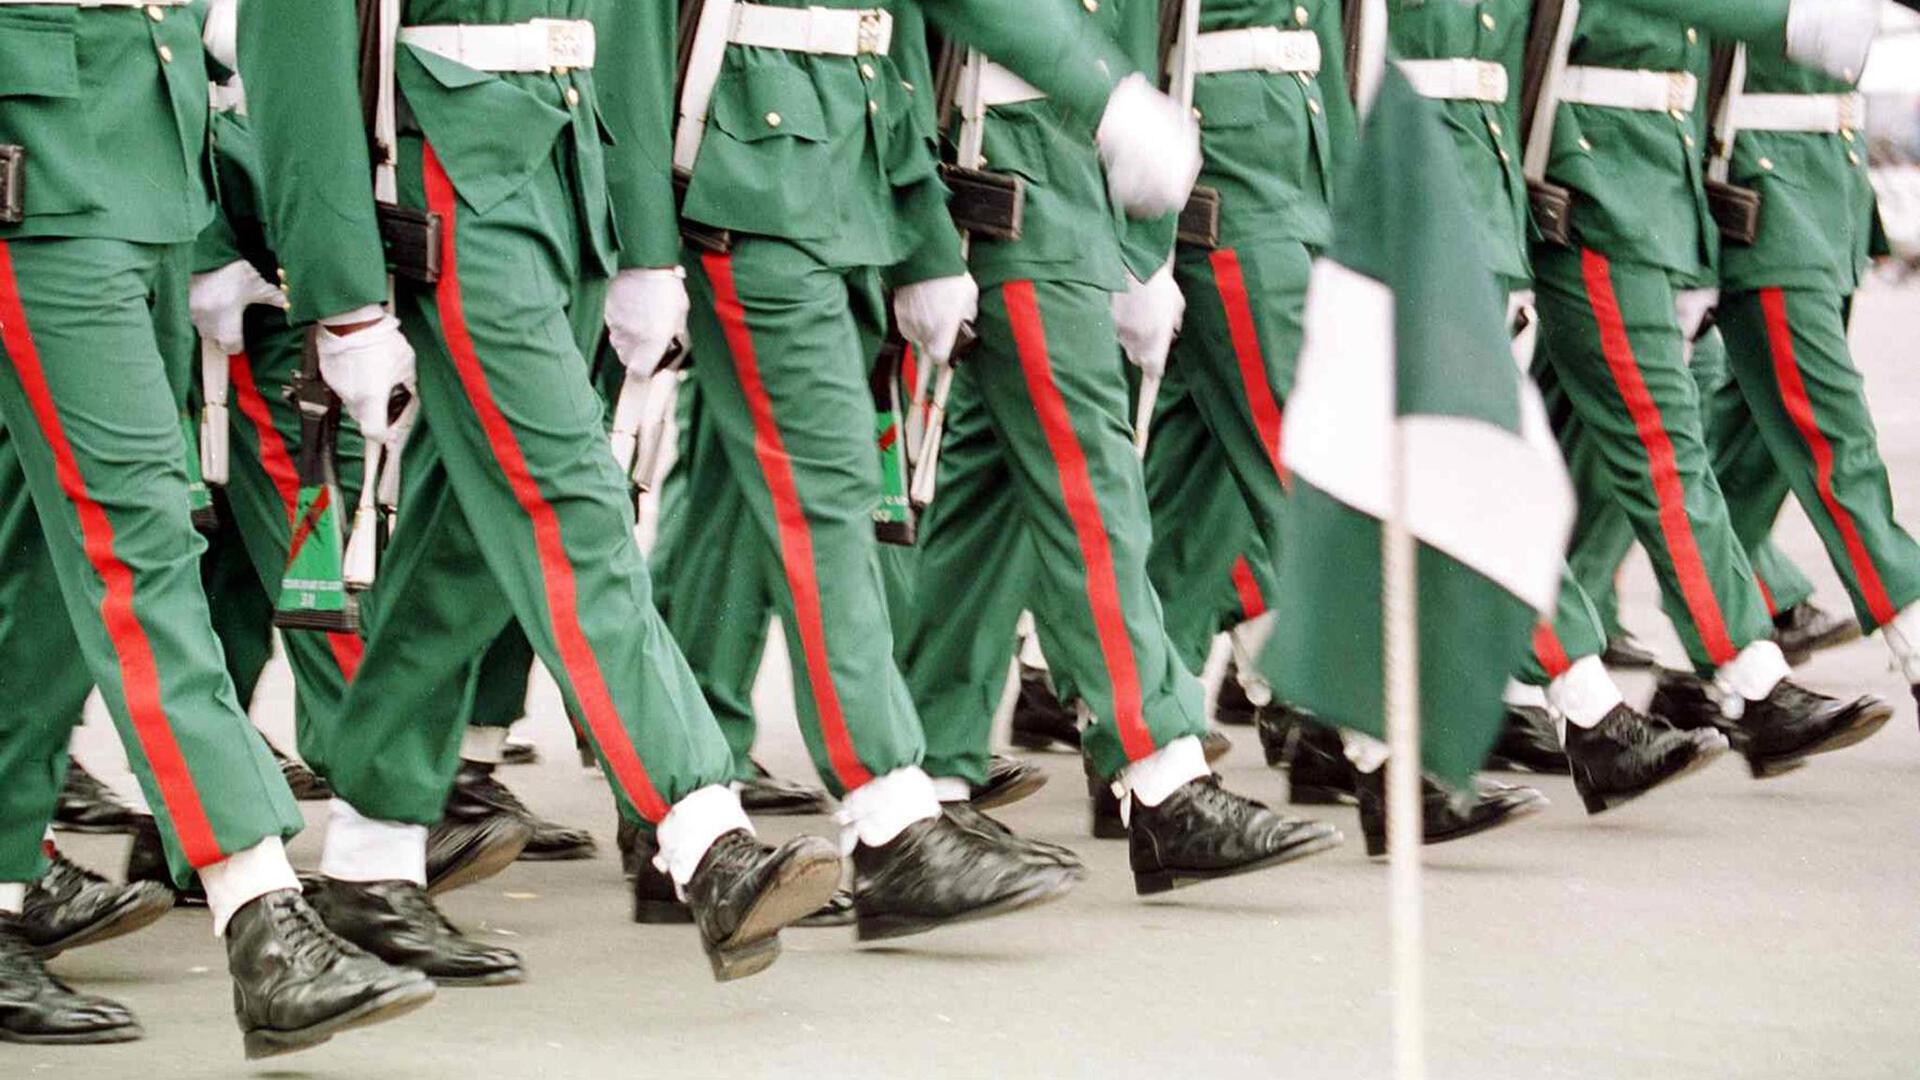 Défilé de soldats nigérians à Abuja, le 1er octobre2000, lors de cérémonies marquant le 40ème anniversaire de l'indépendance du pays.